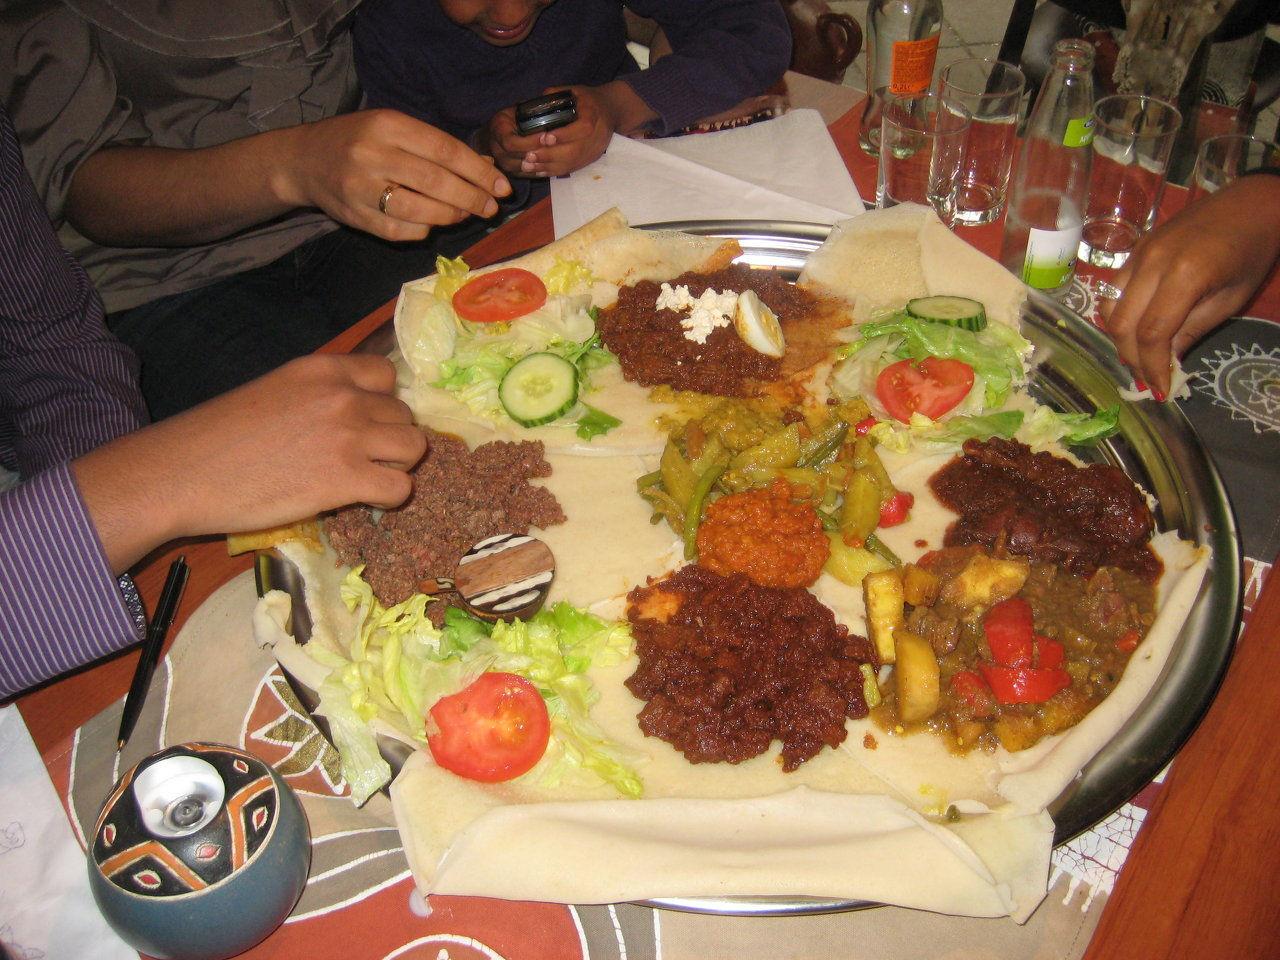 Restaurant serengeti laten u verassen - Snack eten ...